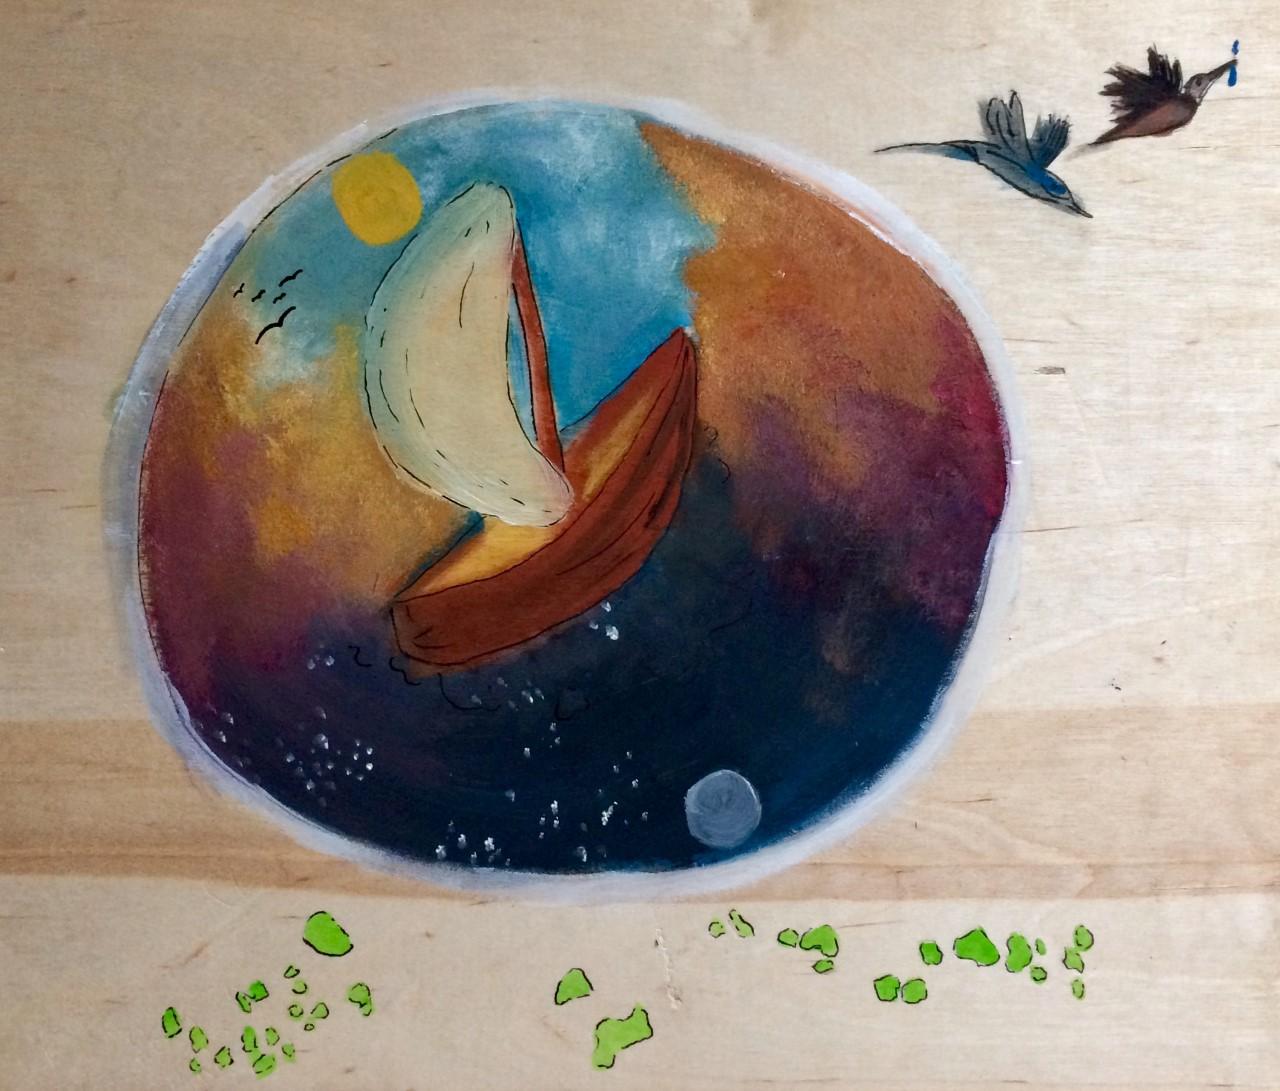 """Ilustración de Ani Ventocilla King: """"…demos vuelo a aquel sueño de una travesía poética por las comunidades kunas - ese viajar a vela de comunidad en comunidad.."""""""